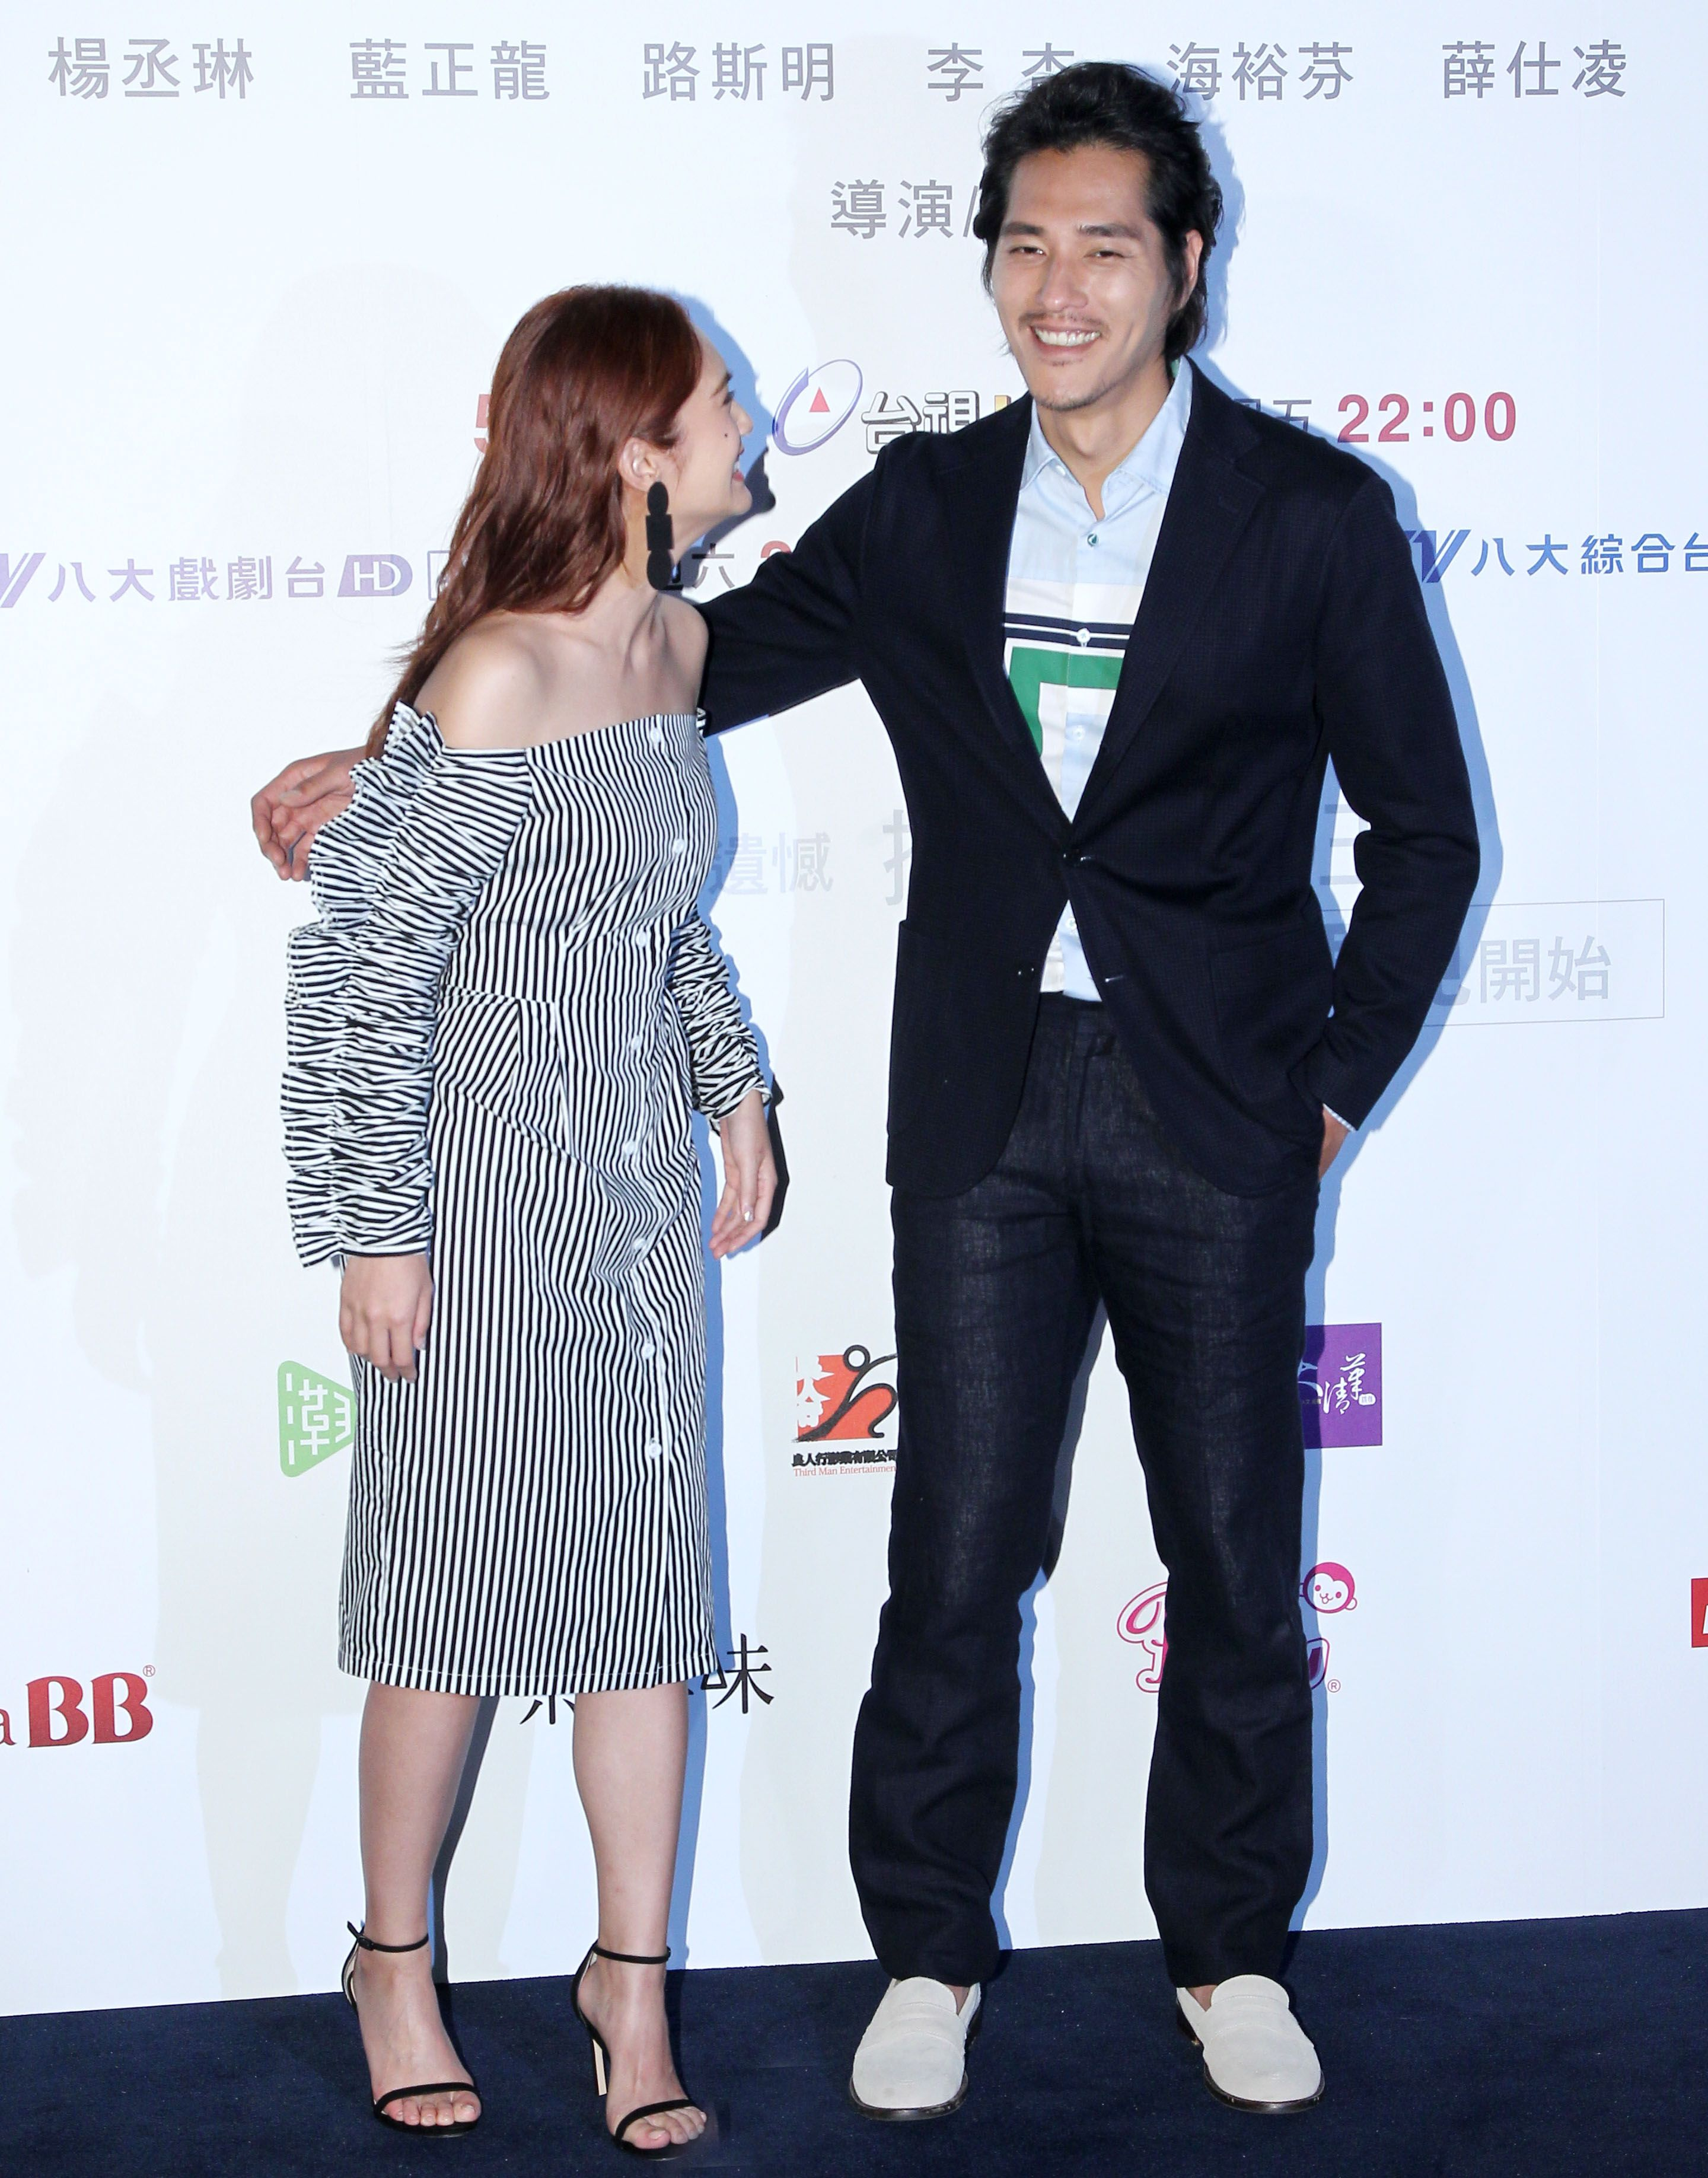 「前男友不是人」男女主角楊丞琳、藍正龍。(記者邱榮吉/攝影)